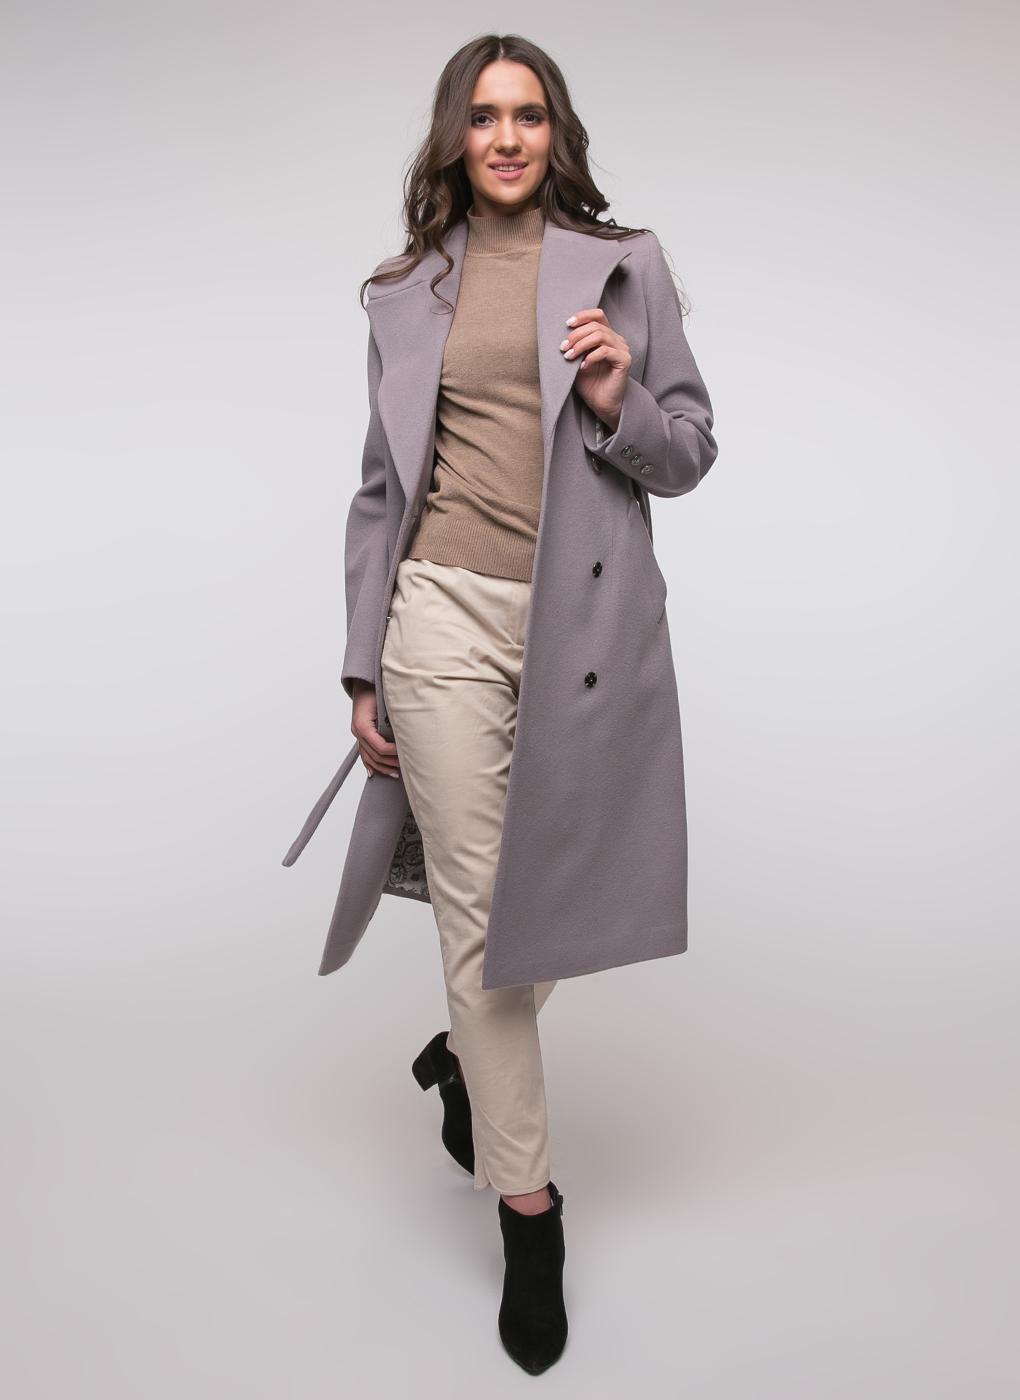 Пальто приталенное шерстяное 77, idekka фото